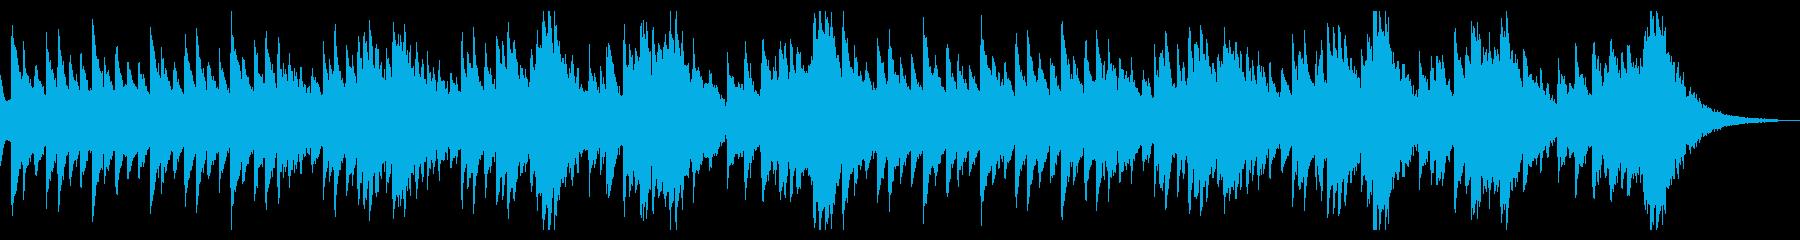 ホラーな雰囲気のオルゴール BGMの再生済みの波形